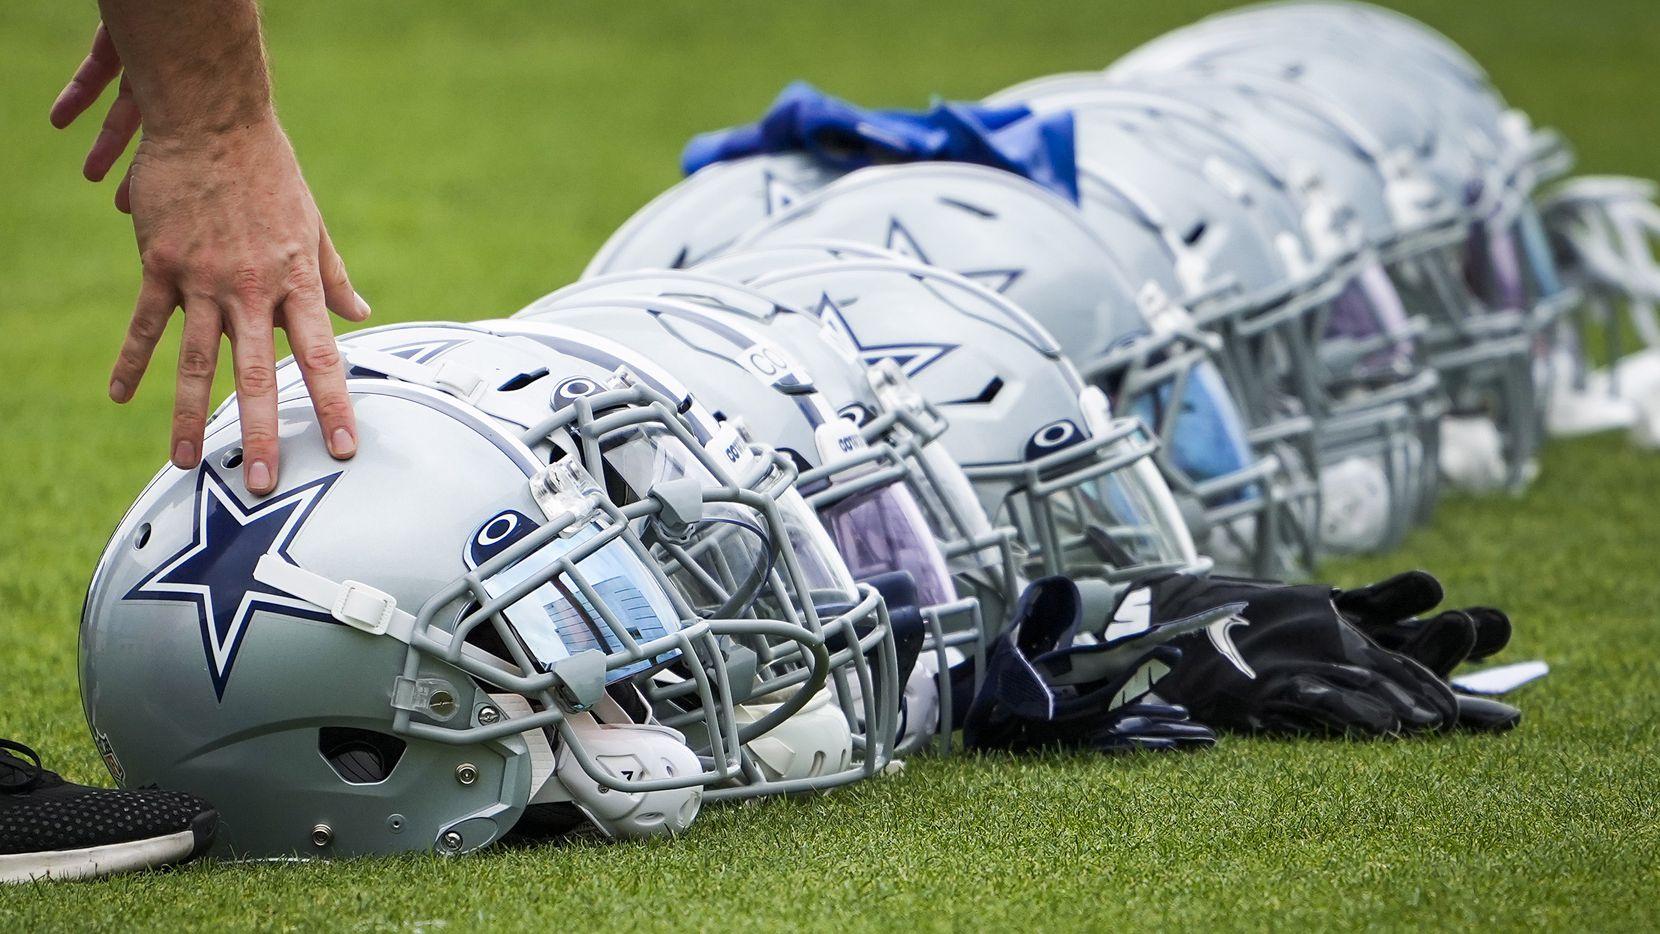 Los Cowboys de Dallas harán su campamento de pretemporada en Oxnard, California.